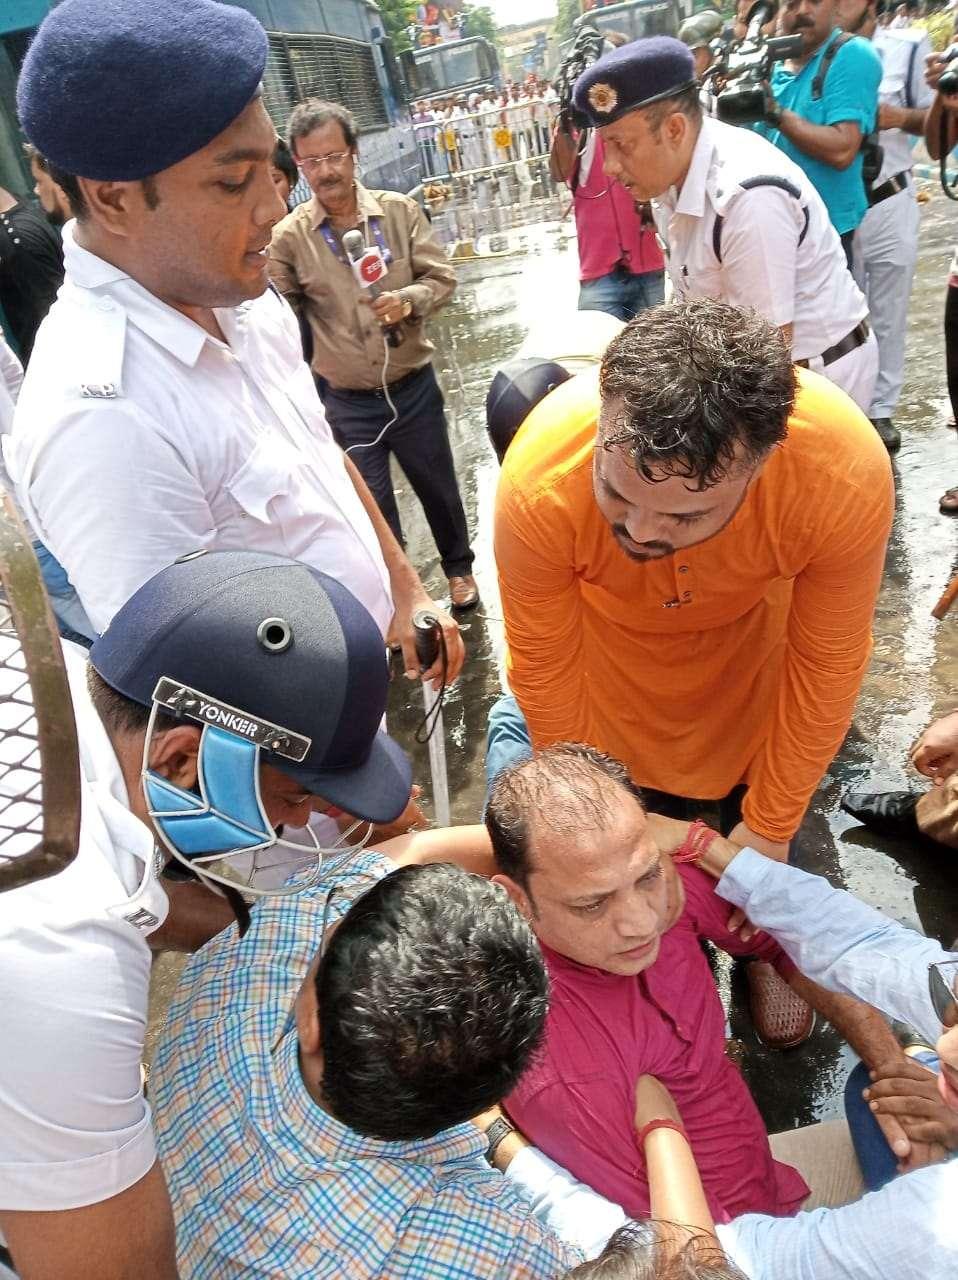 बिजली शुल्क घटाने की मांग पर कोलकाता का सेन्ट्रल एवेन्यू बना रणक्षेत्र